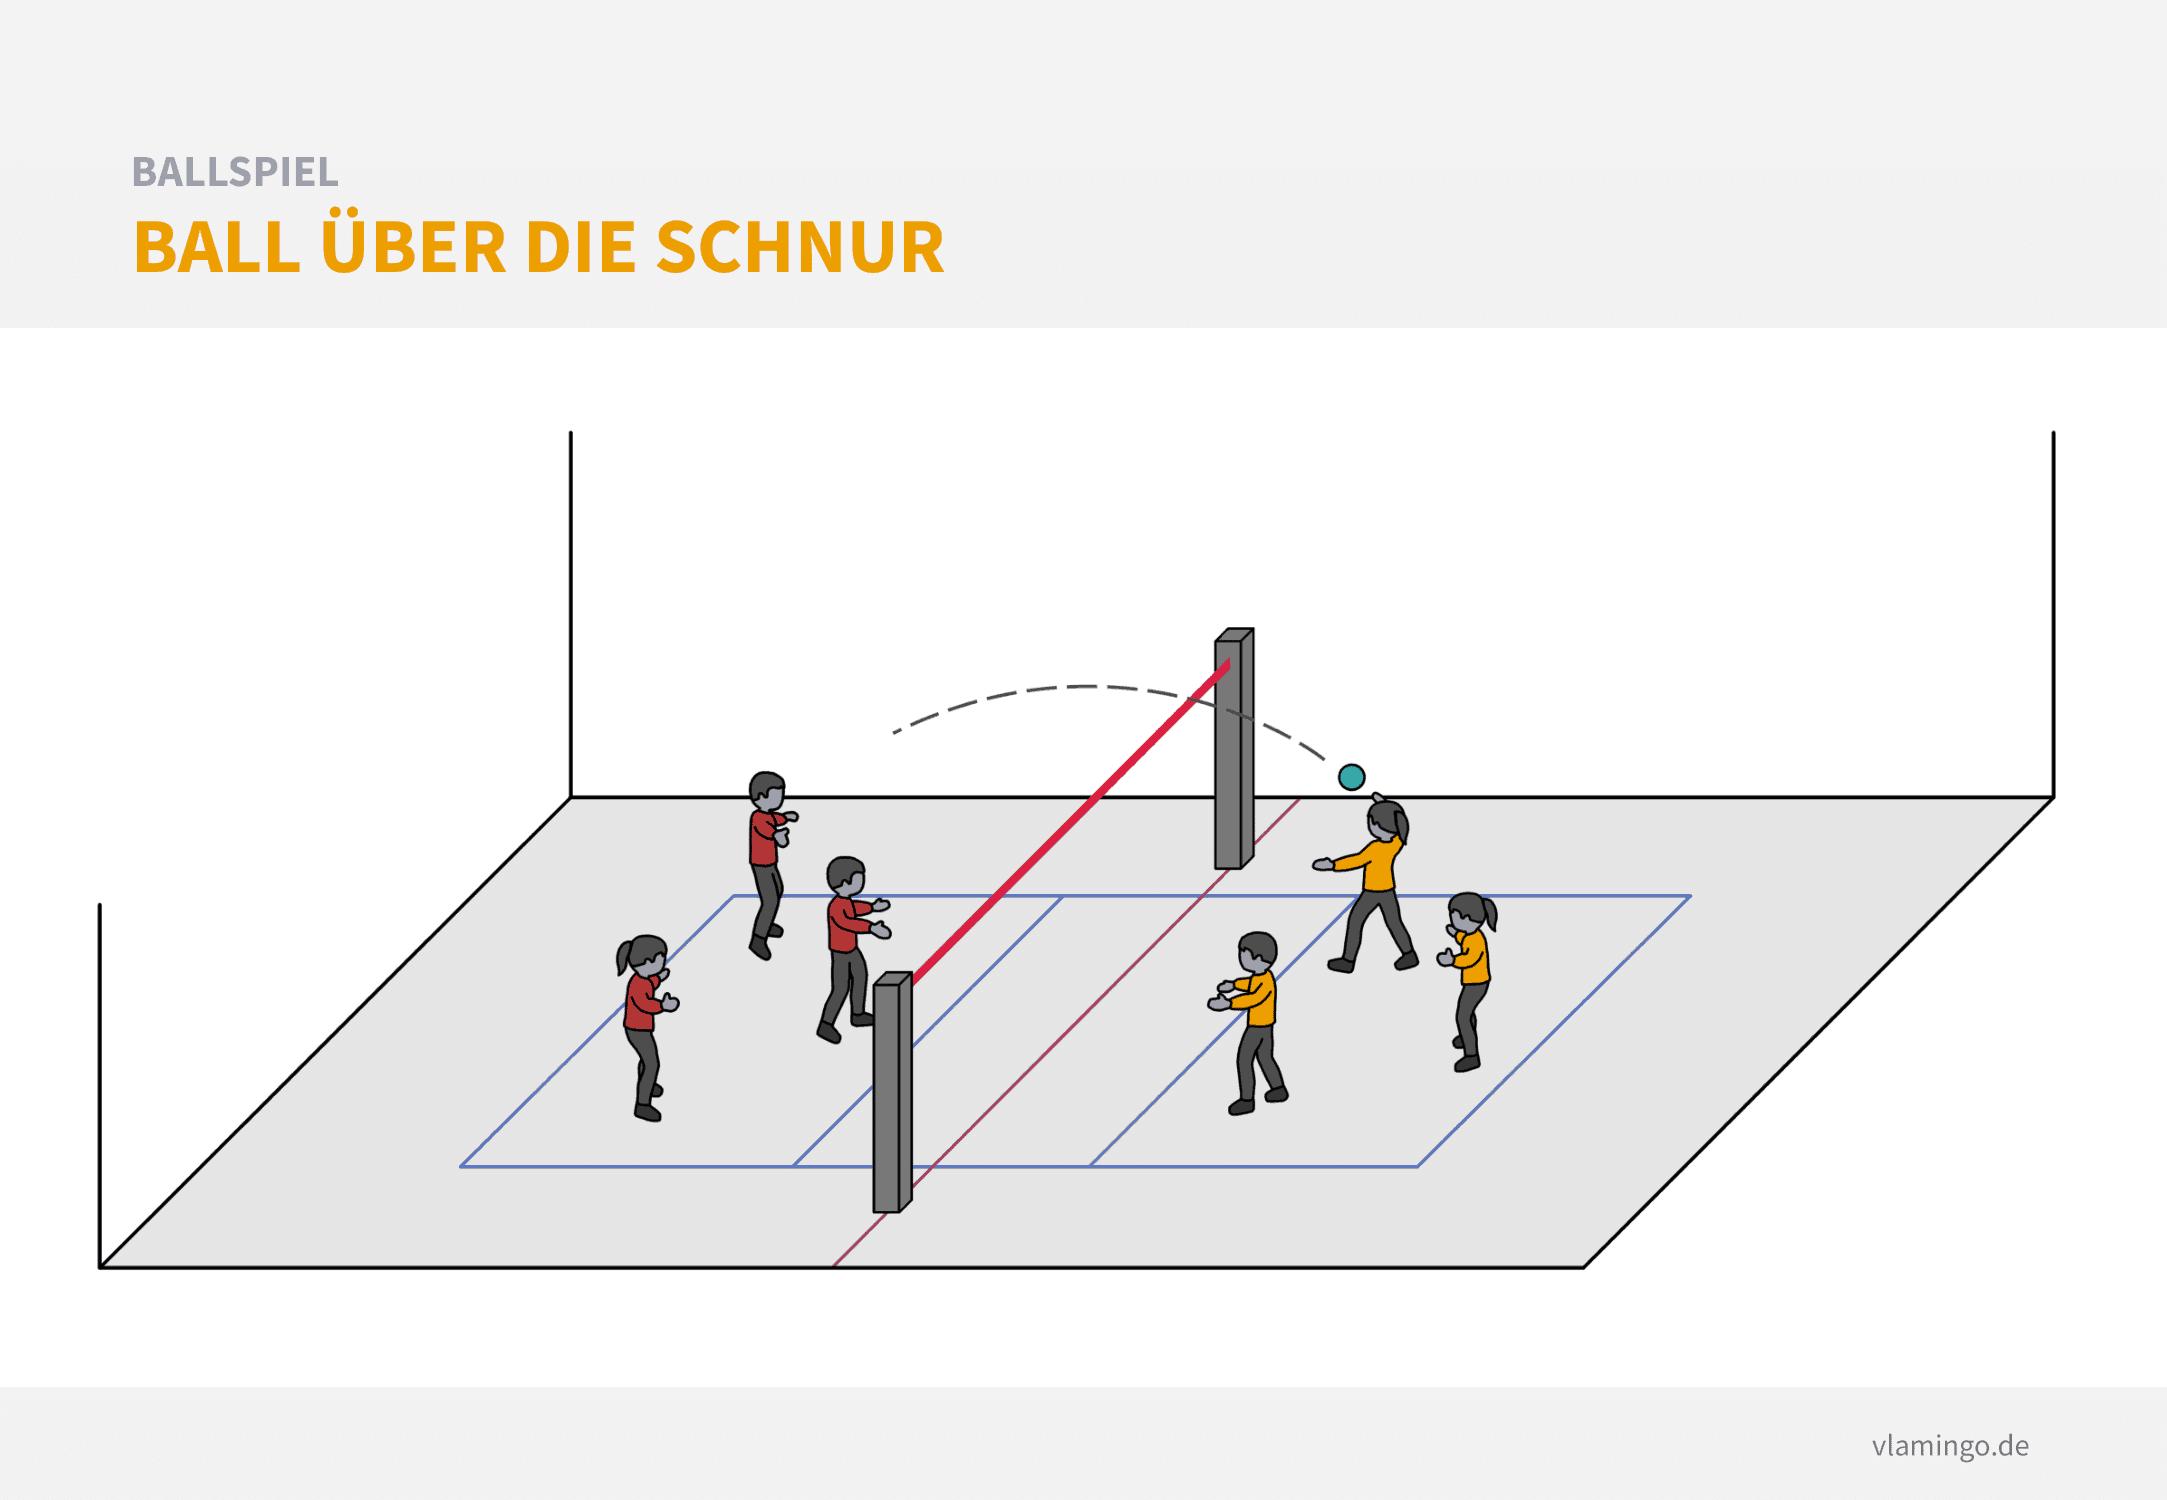 Ballspiel: Ball über die Schnur